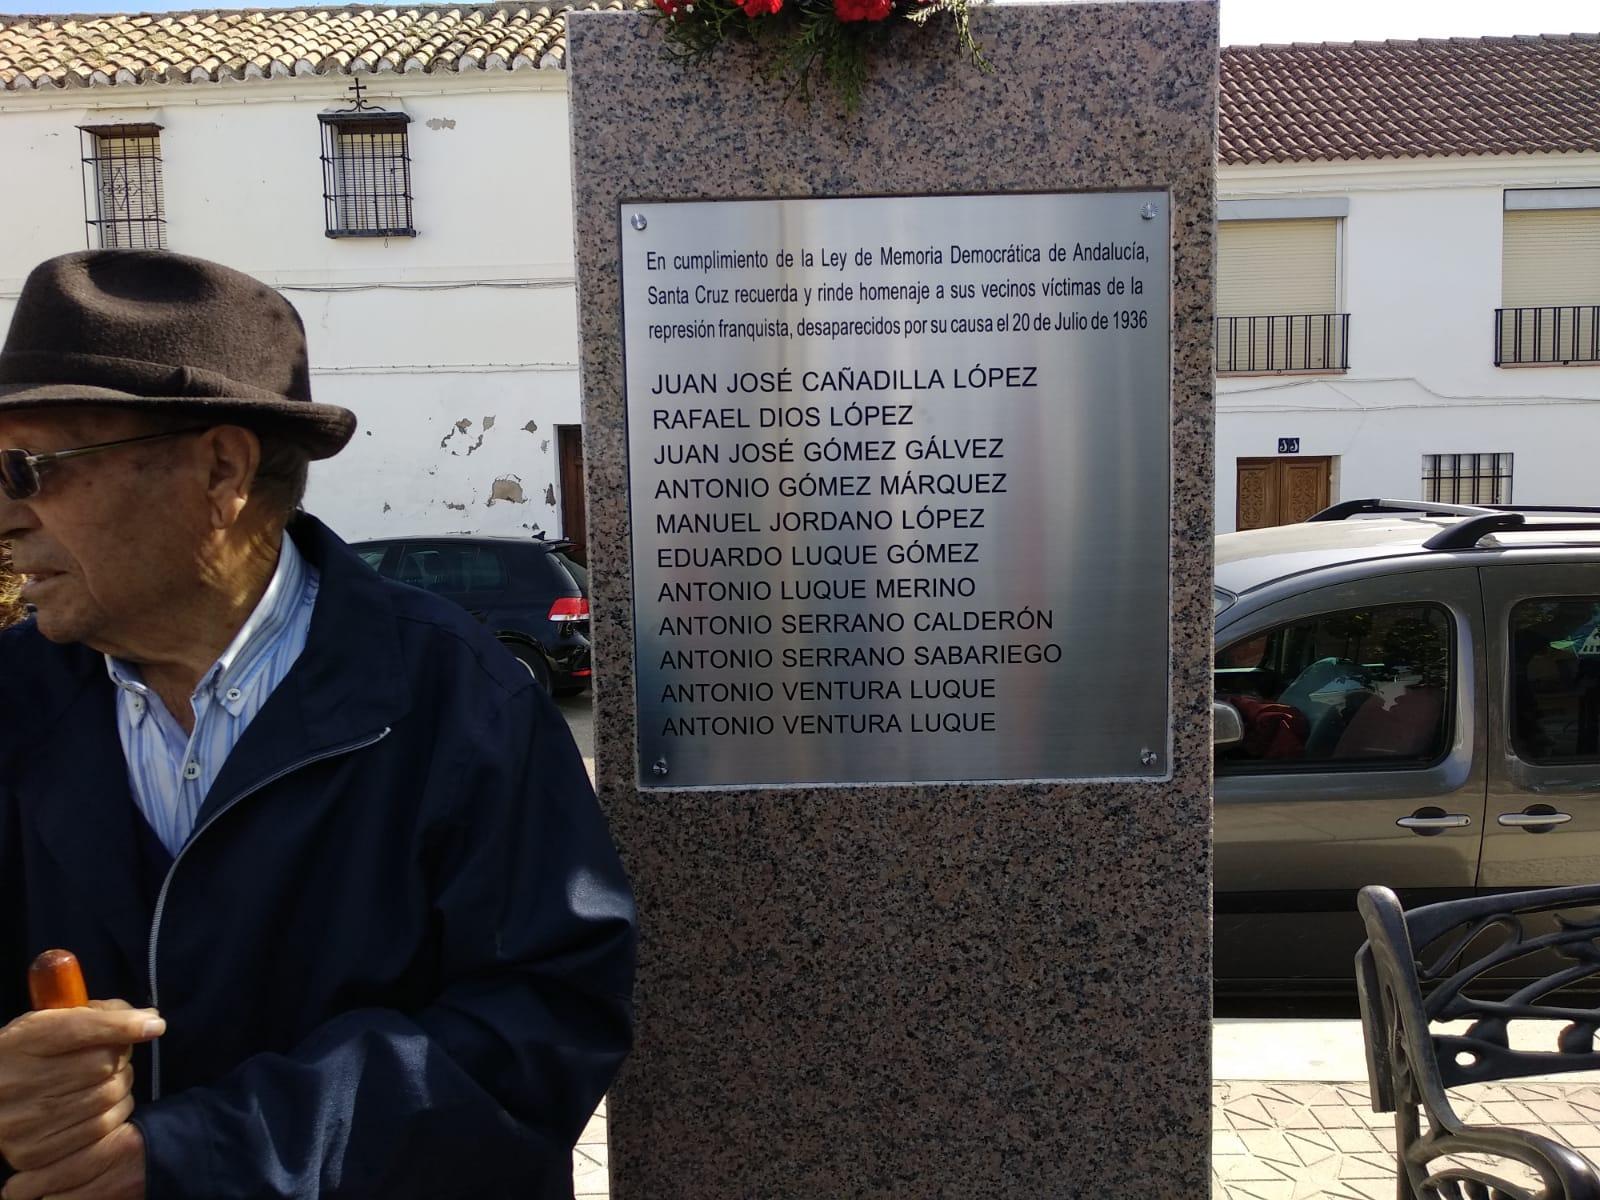 Homenaje a las víctimas del Franquismo en Santa Cruz